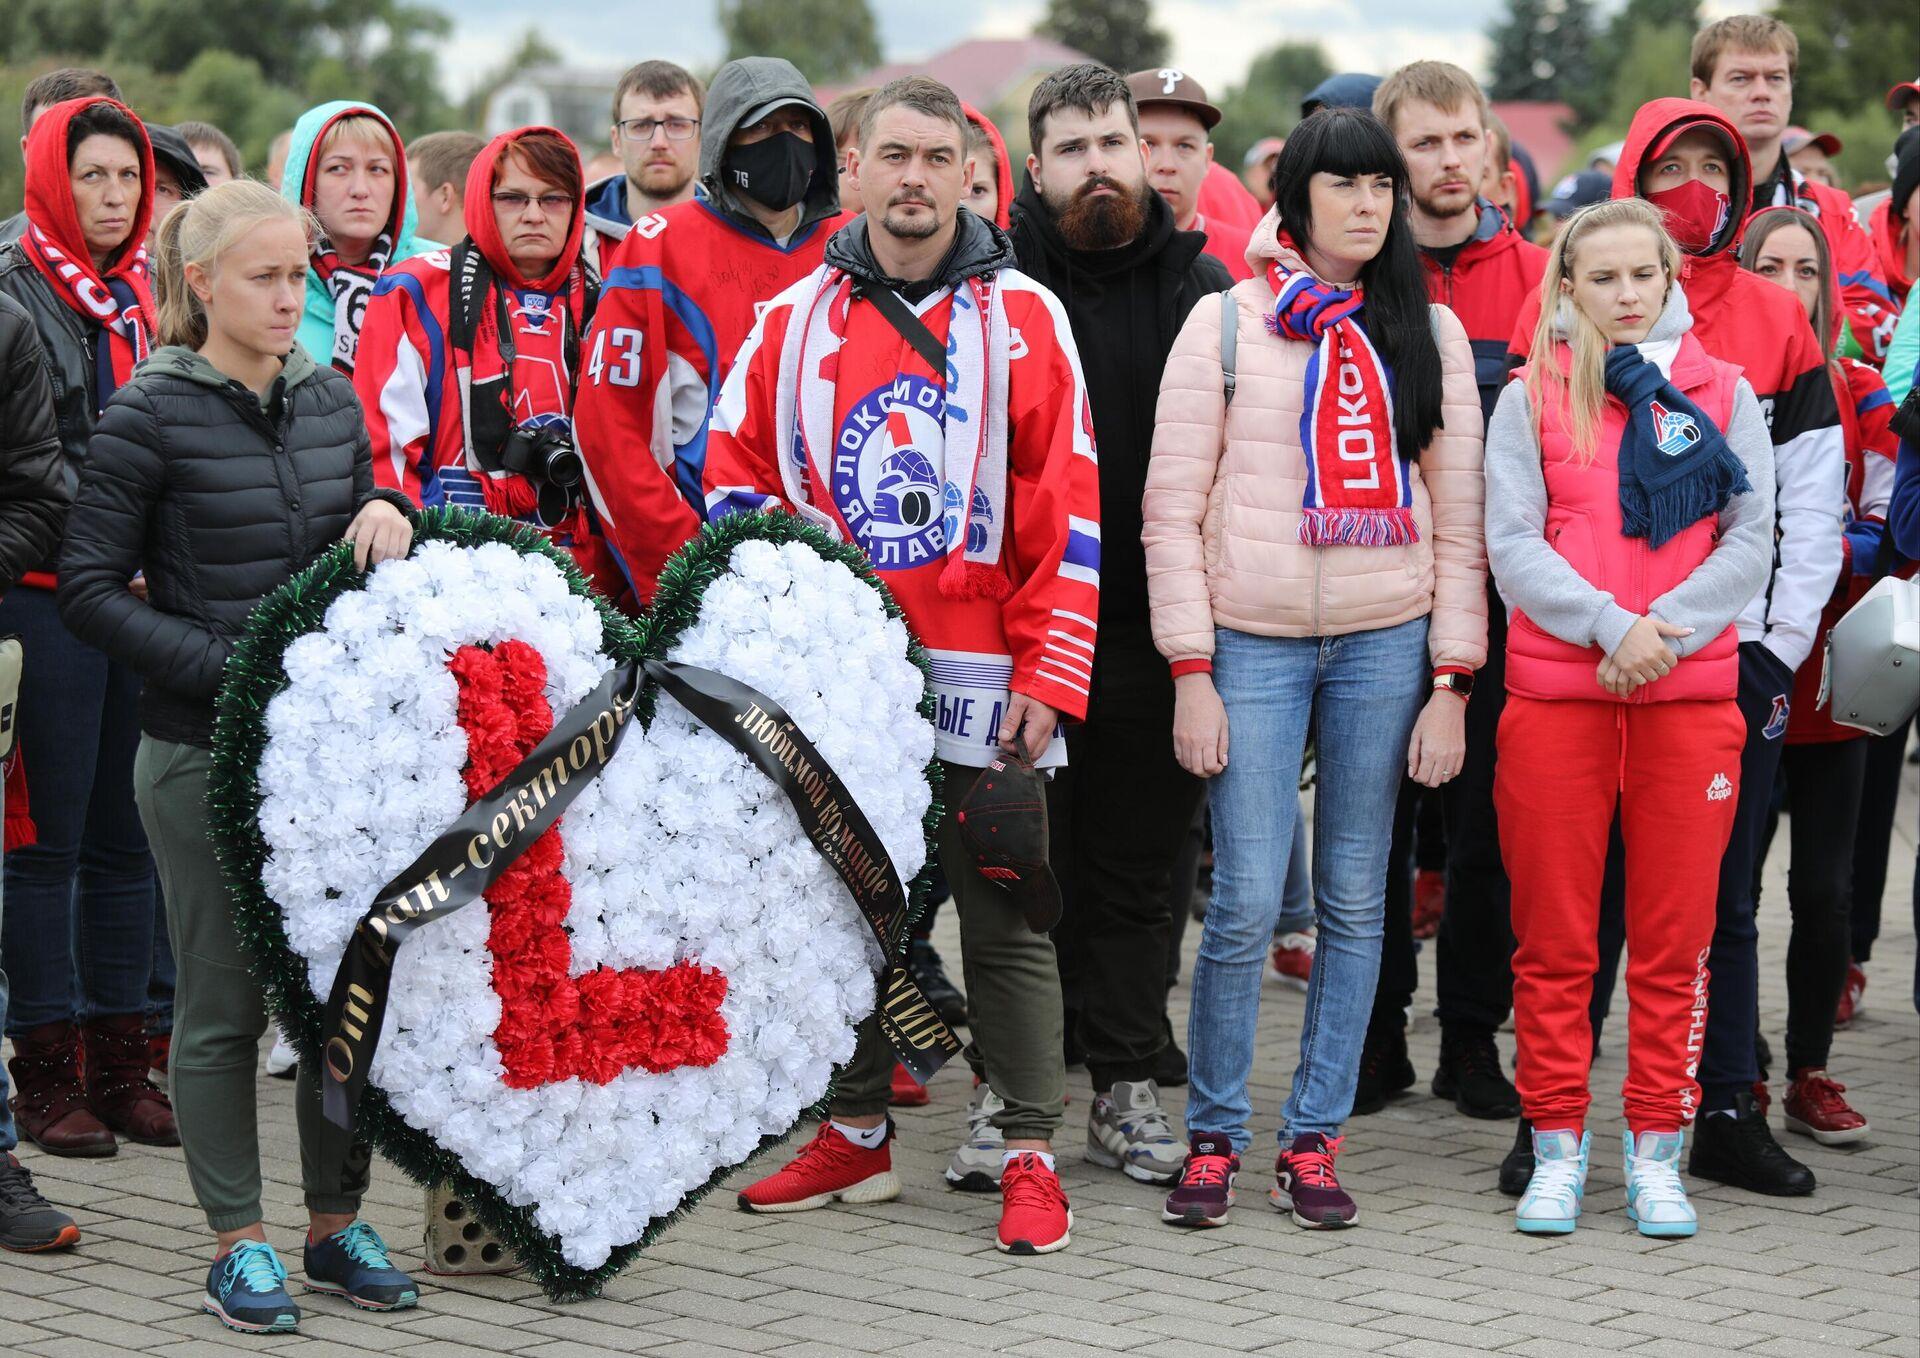 Церемония, посвященная памяти погибших членов команды Локомотив (Ярославль) 7 сентября 2011 года - РИА Новости, 1920, 07.09.2021